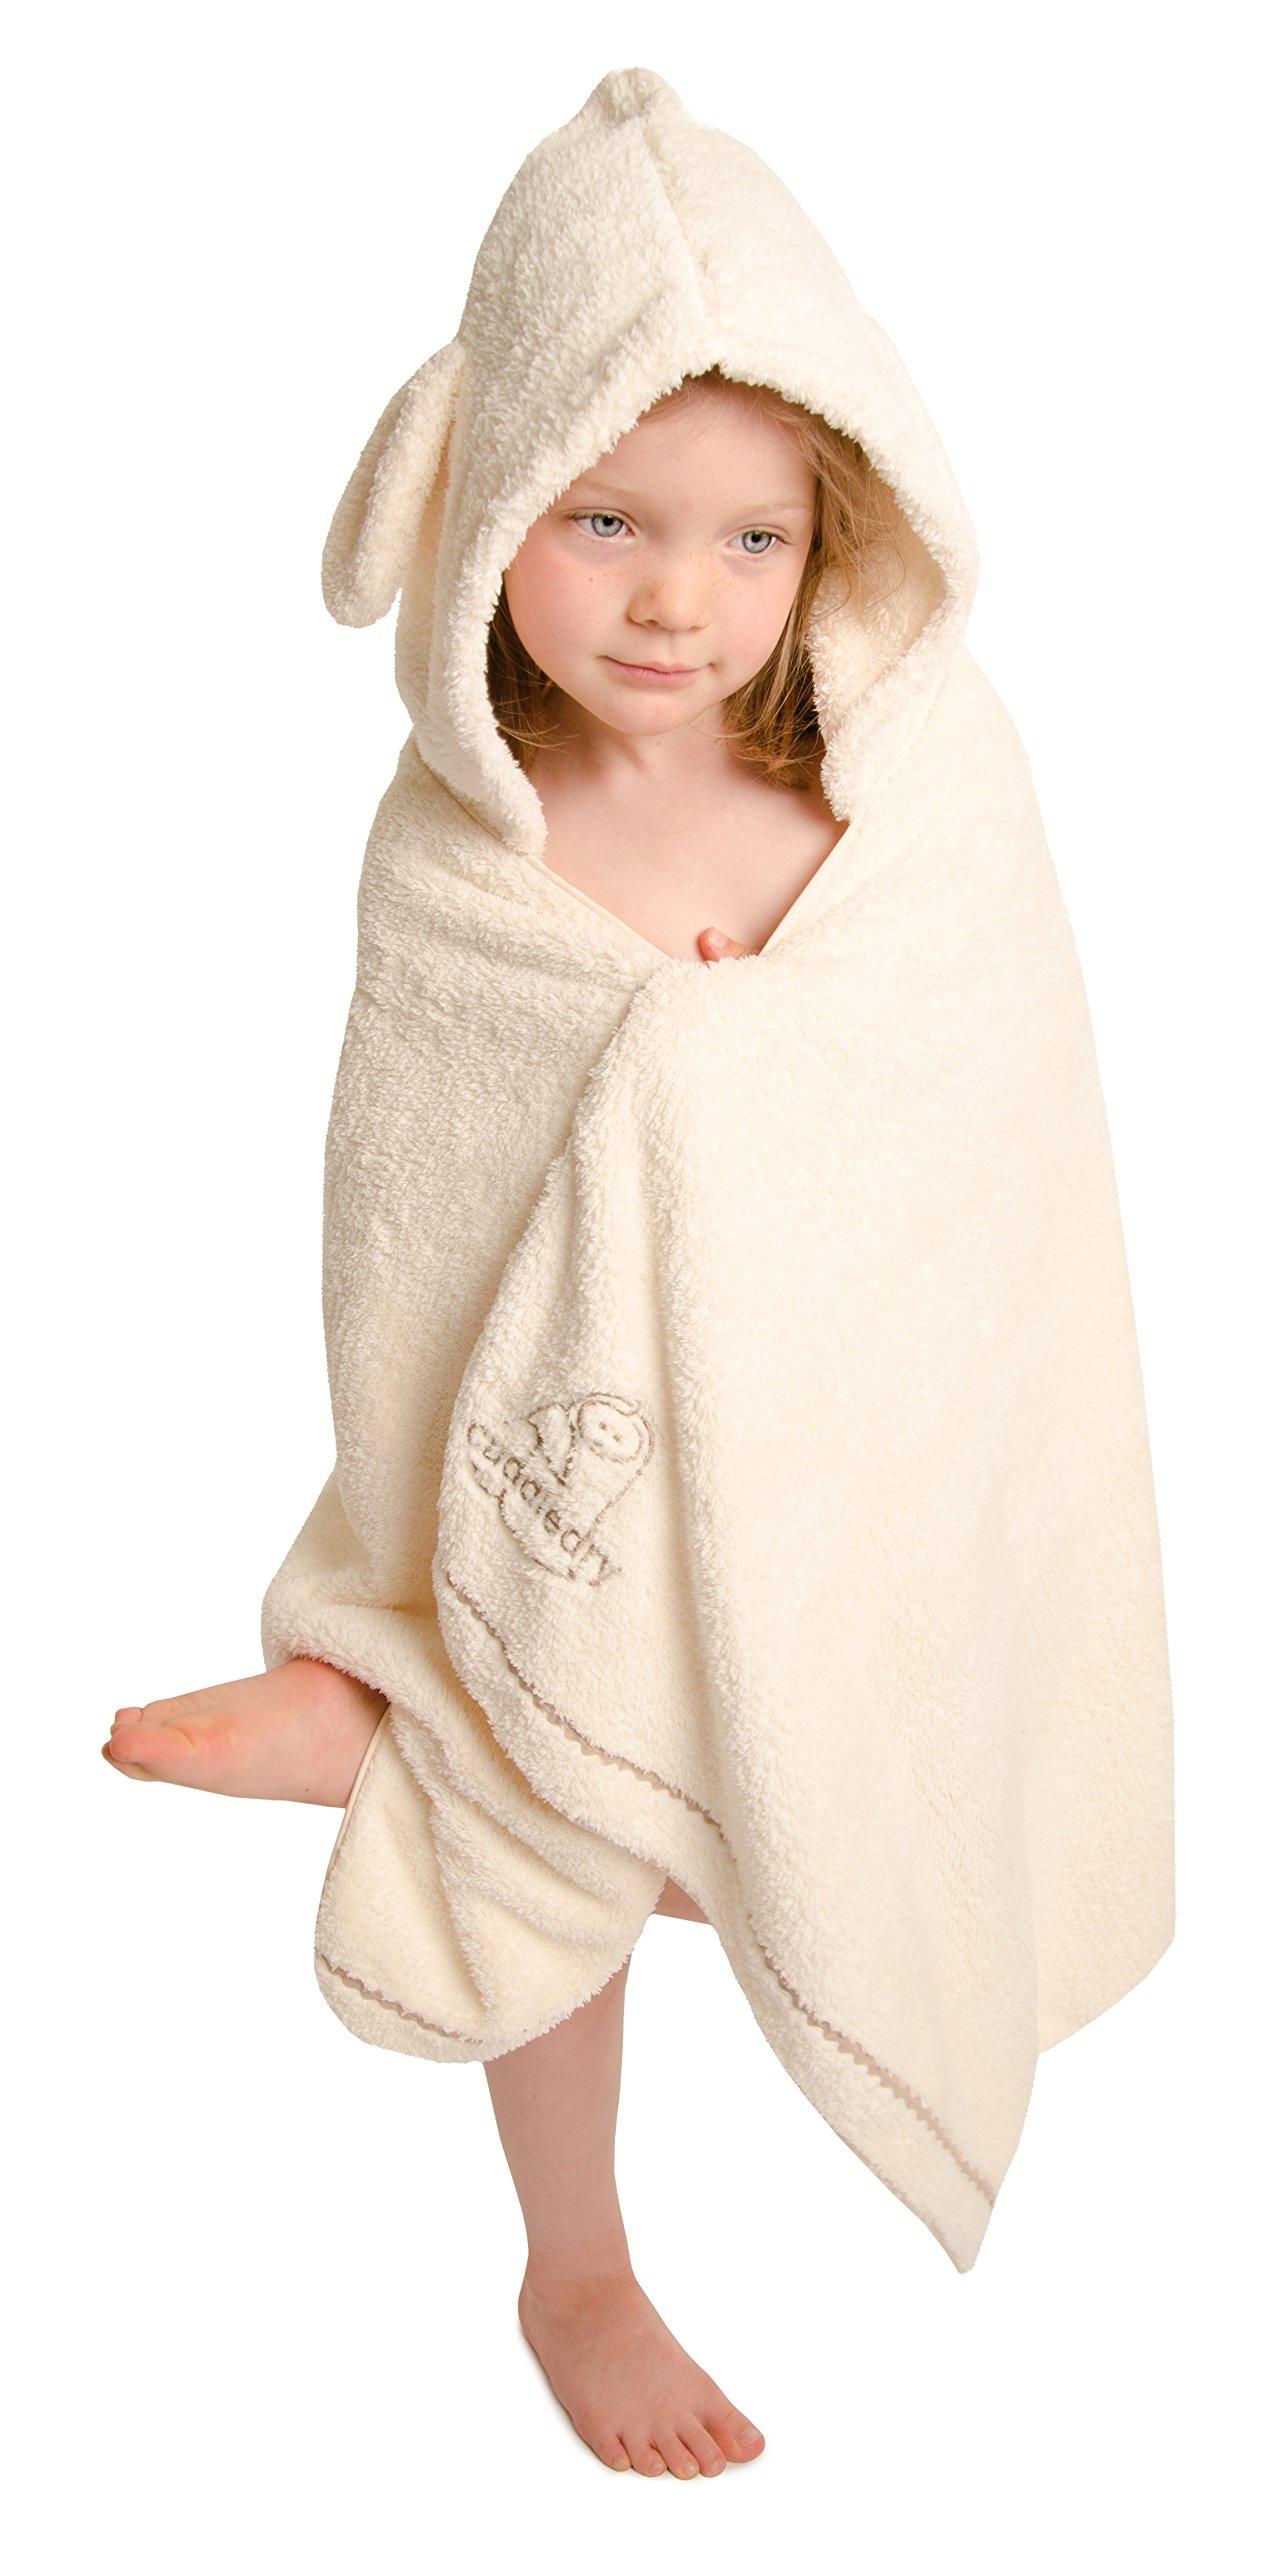 Cuddledry Plush Hooded Bath Towel (Snuggle Bunny) by Snuggledry